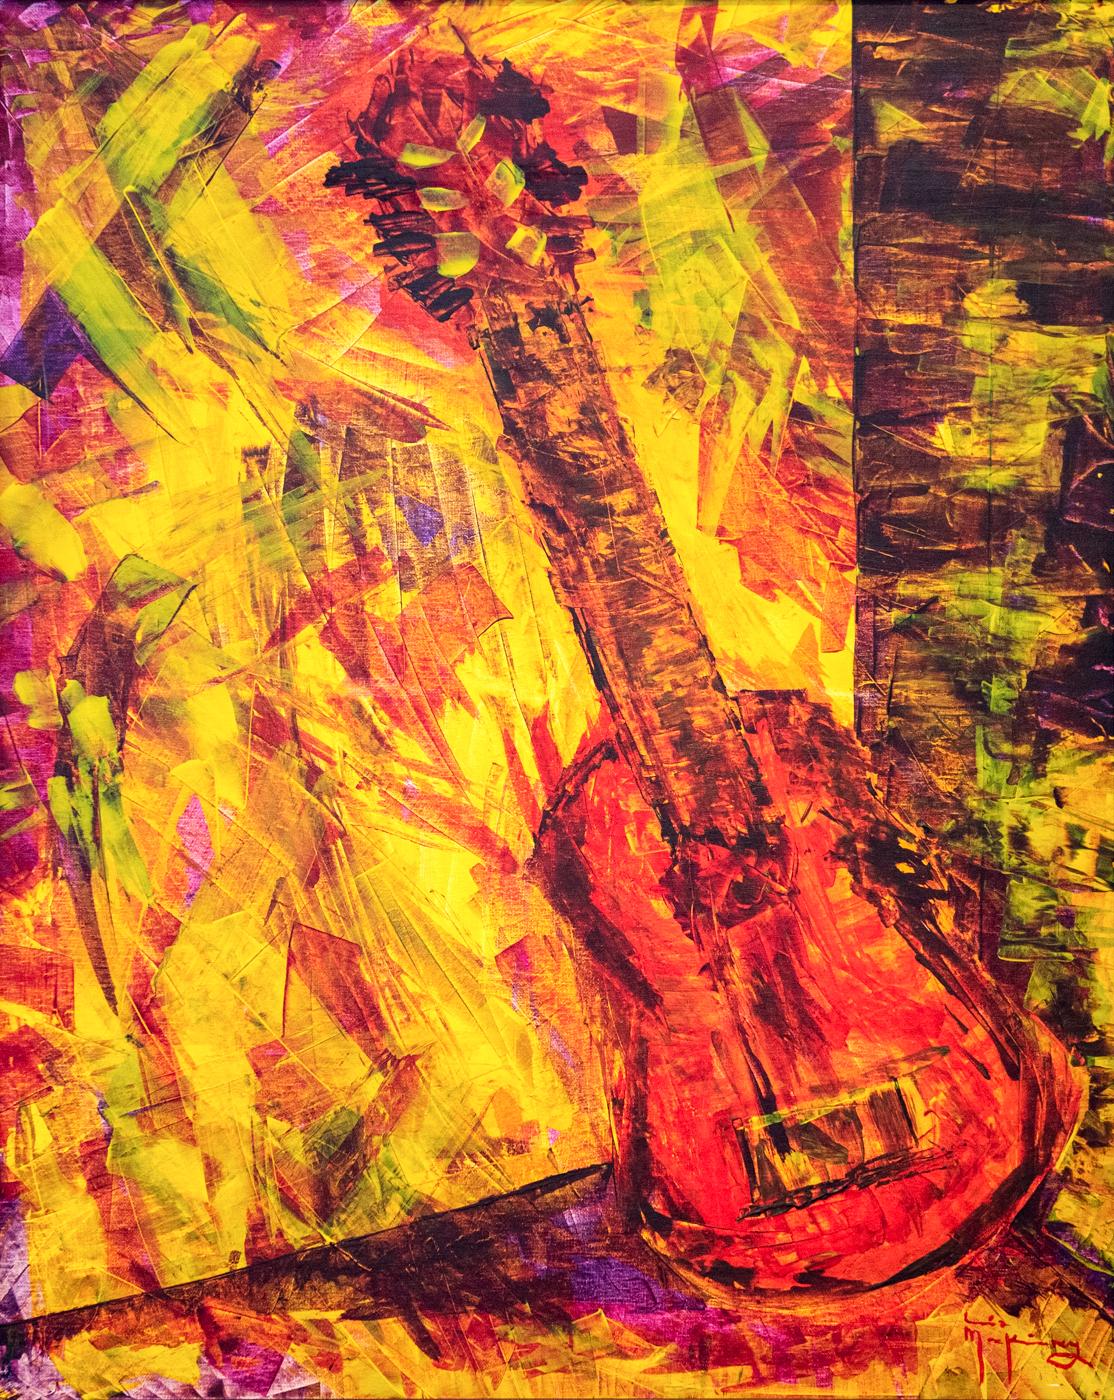 El Musico (The Musician)